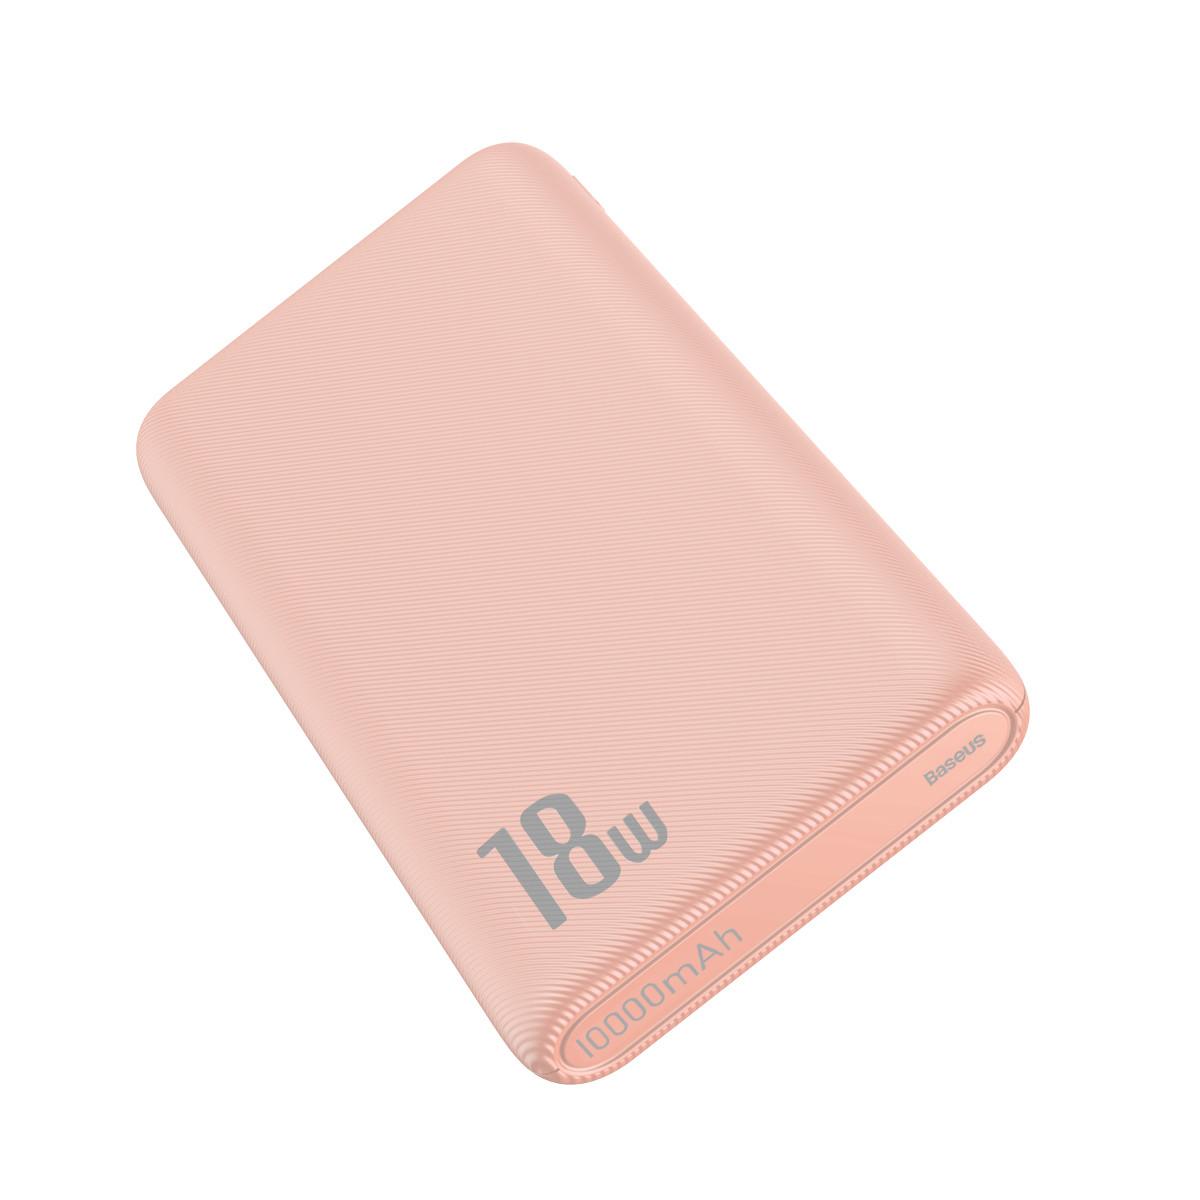 Power Bank Baseus Bipow PD+QC 10000mAh Pink - 3